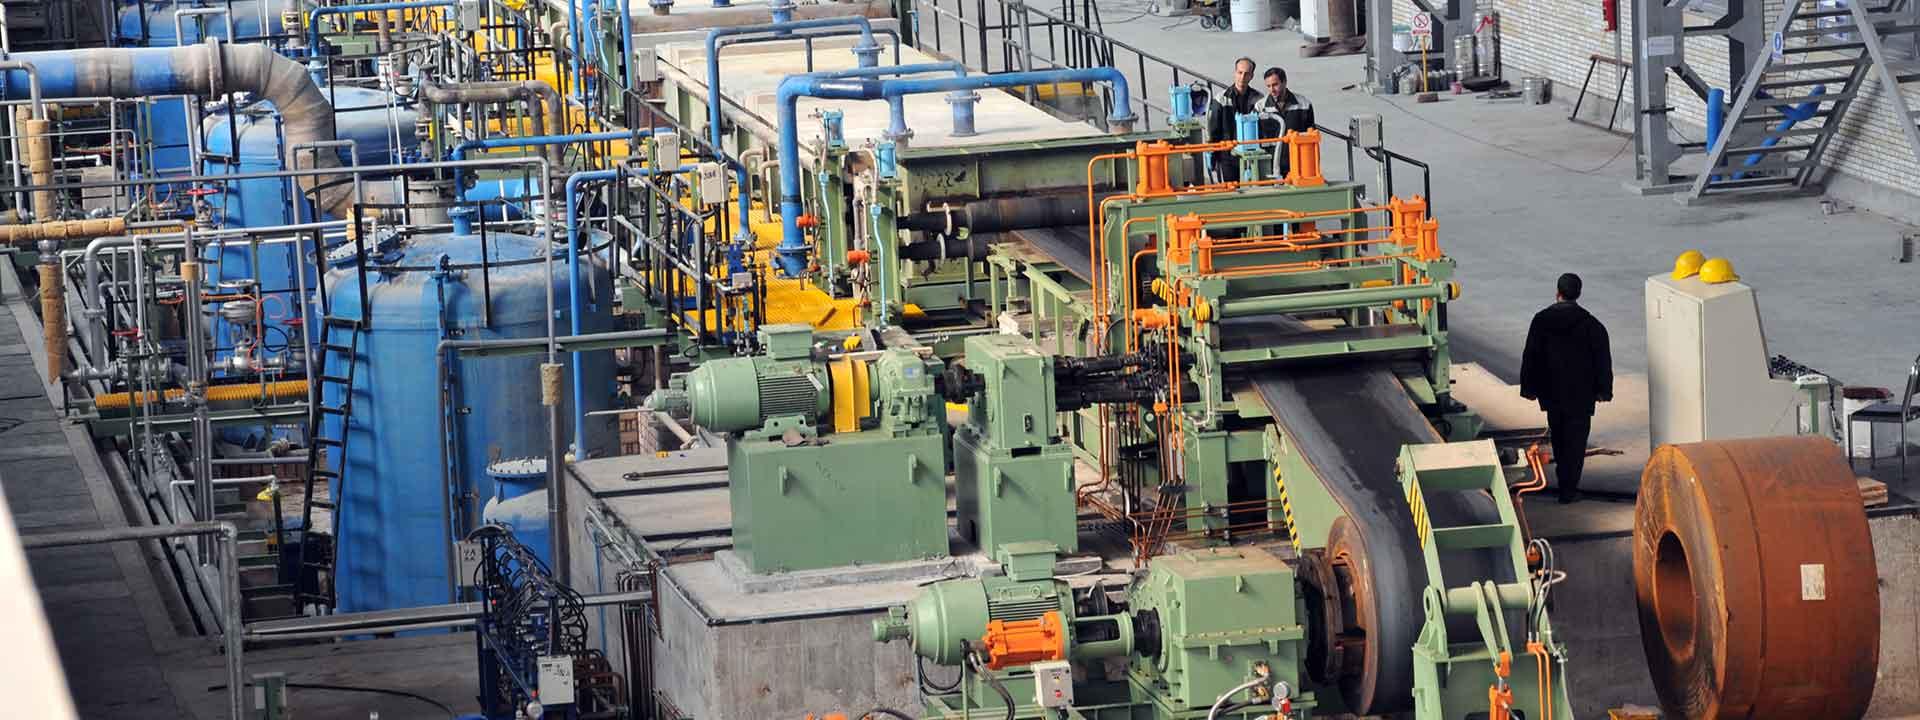 ارایه جامع ترین راهکارها در رابطه با صنایع مس و فولاد